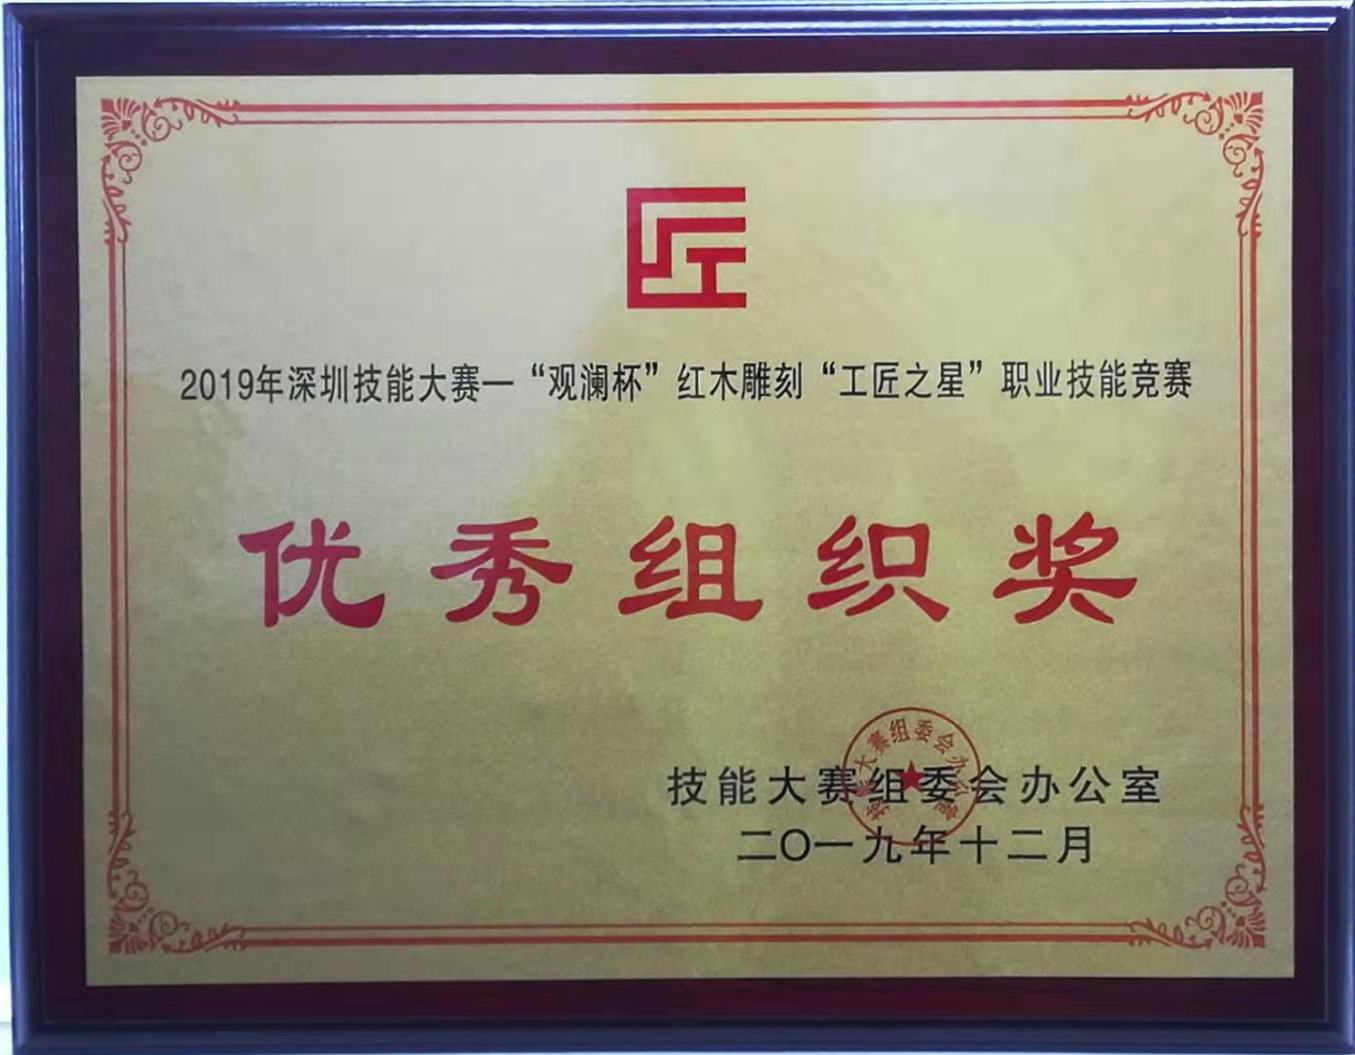 職業技能競賽優秀組織獎